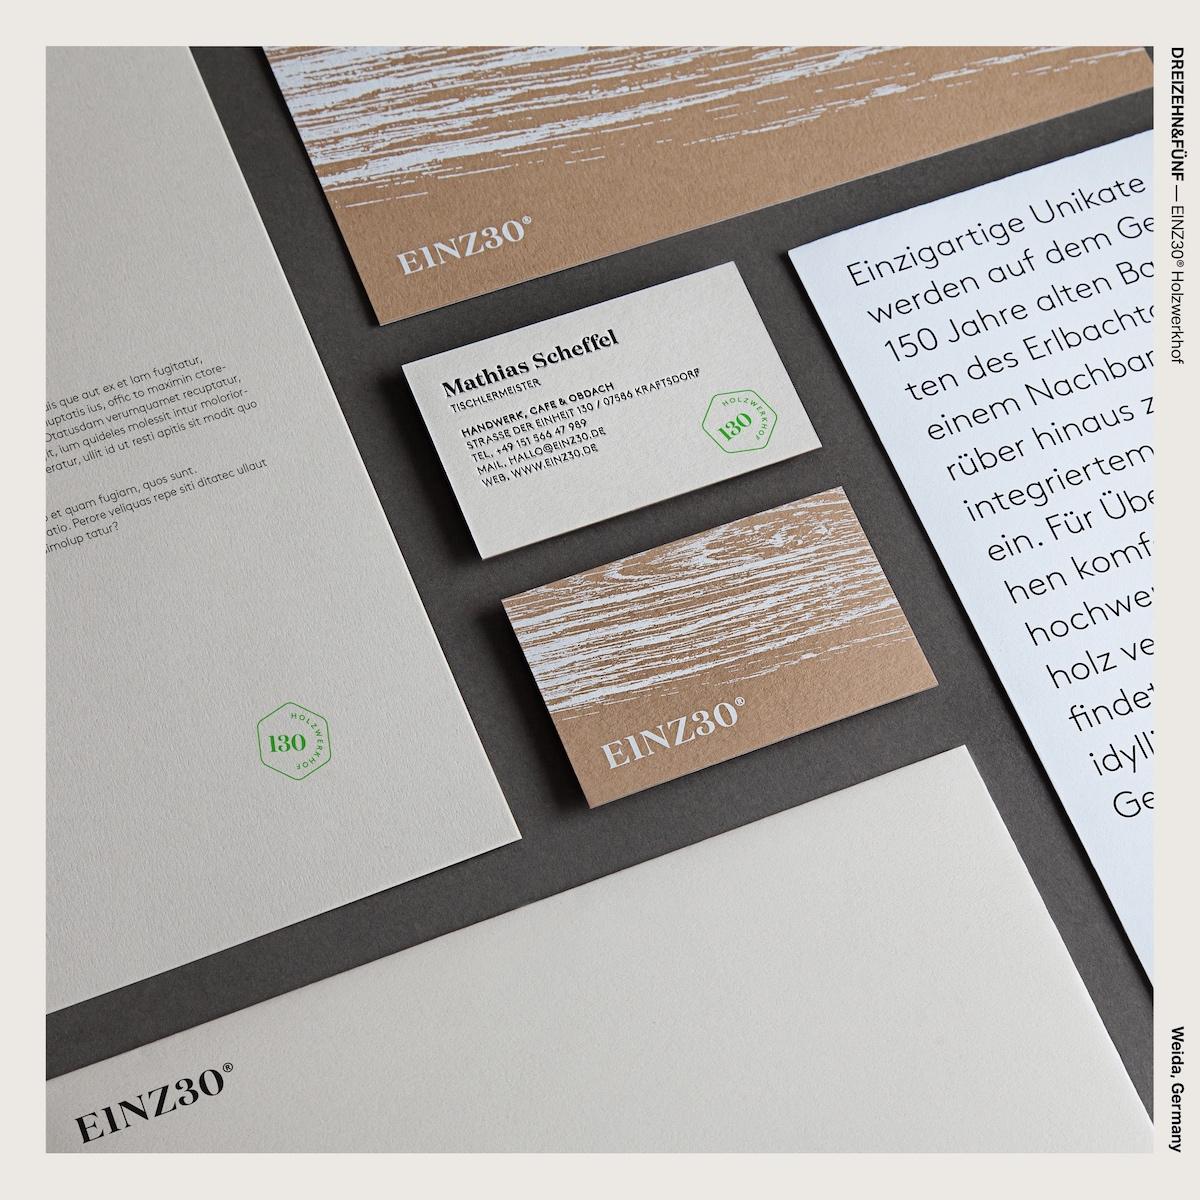 DREIZEHN&FÜNF — EINZ30® Holzwerkhof